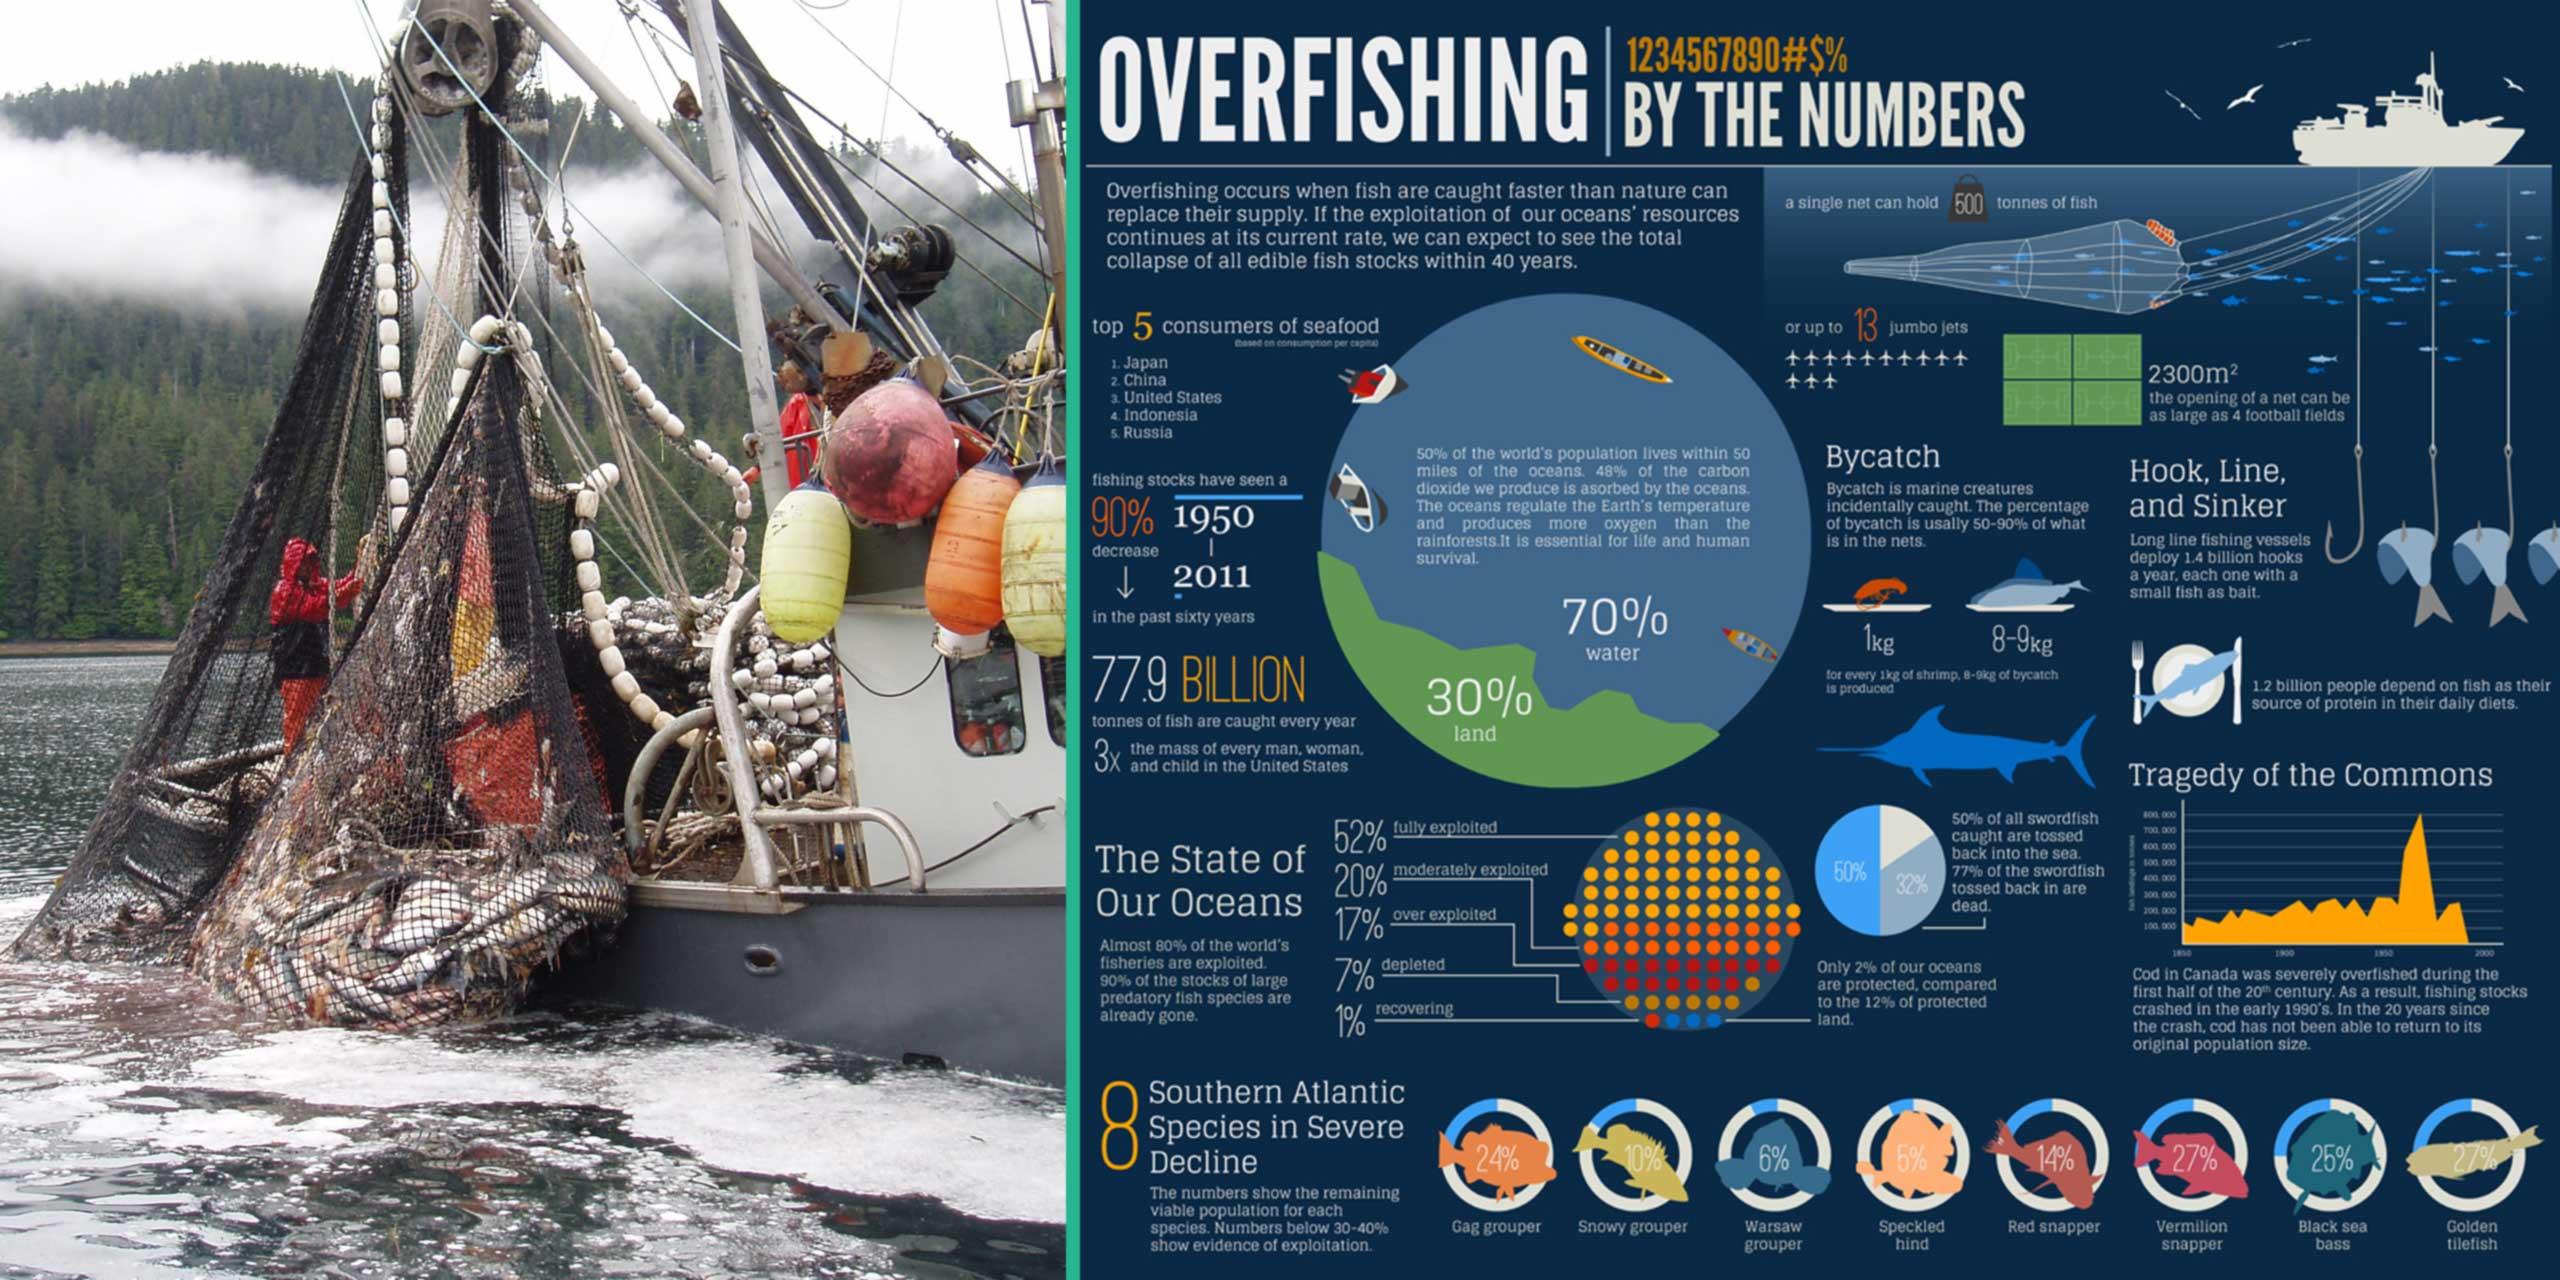 http://skollworldforumorg.c.presscdn.com/wp-content/uploads/2014/02/marine-stewardship-council-sl1.jpg